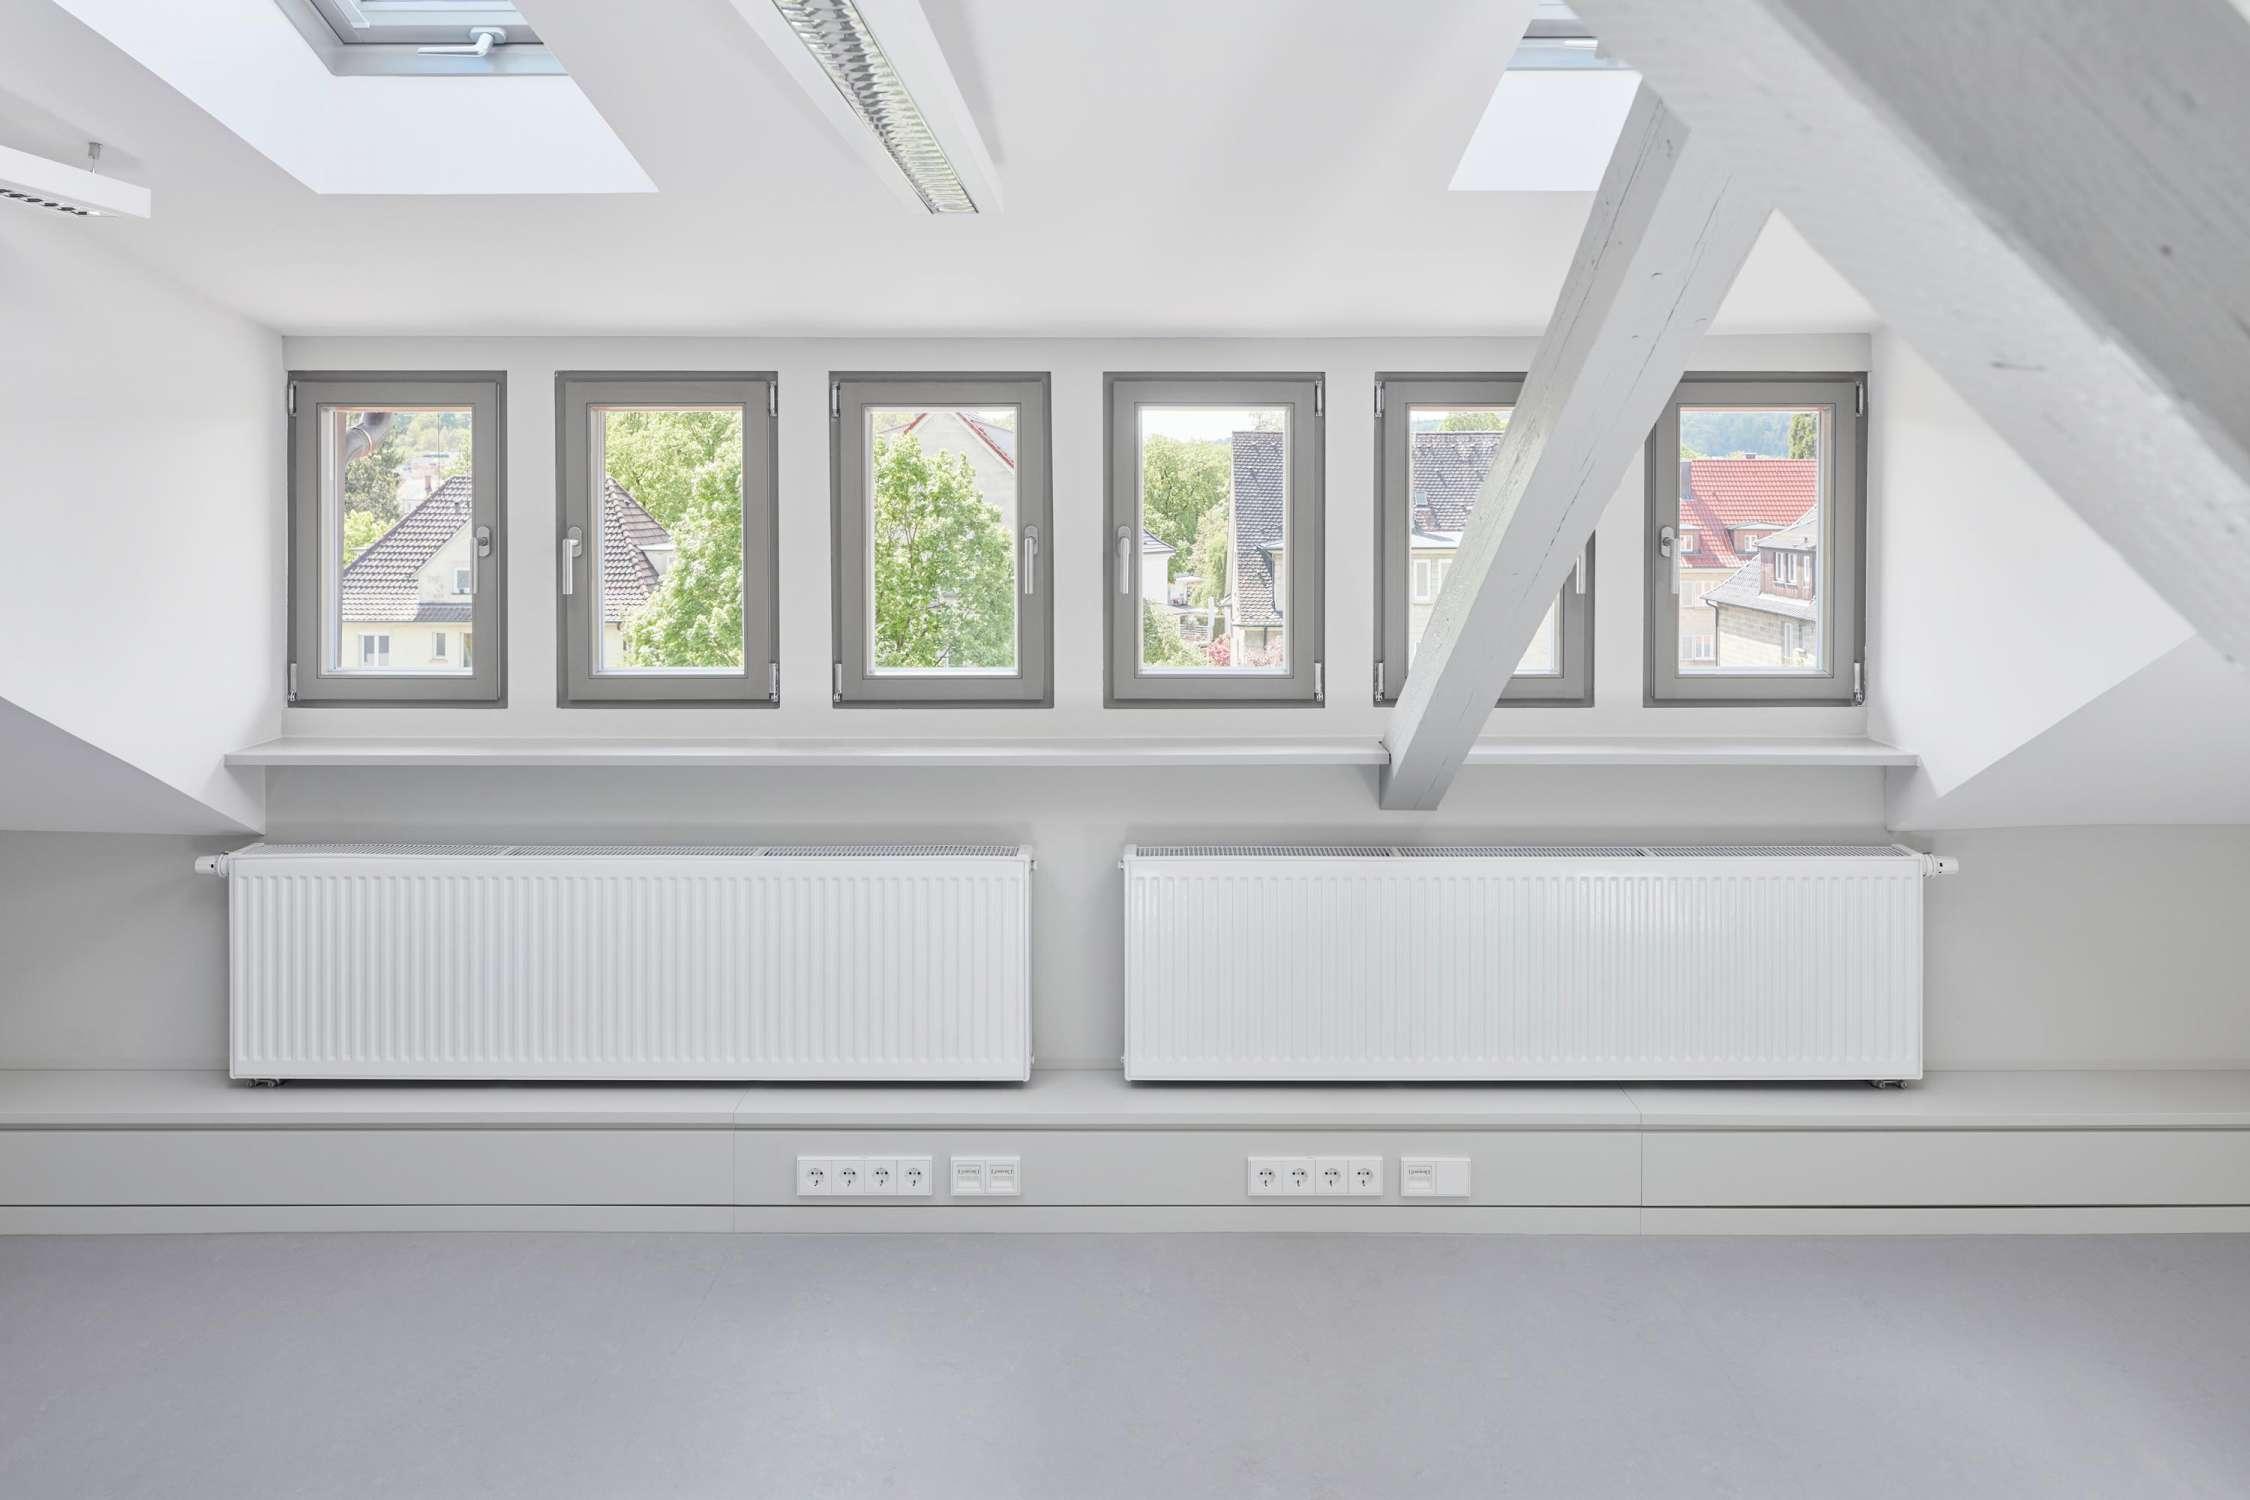 Denkmalpflegerische Sanierung und Umbau Amts-, Nachlass- und Betreuungsgericht (11)